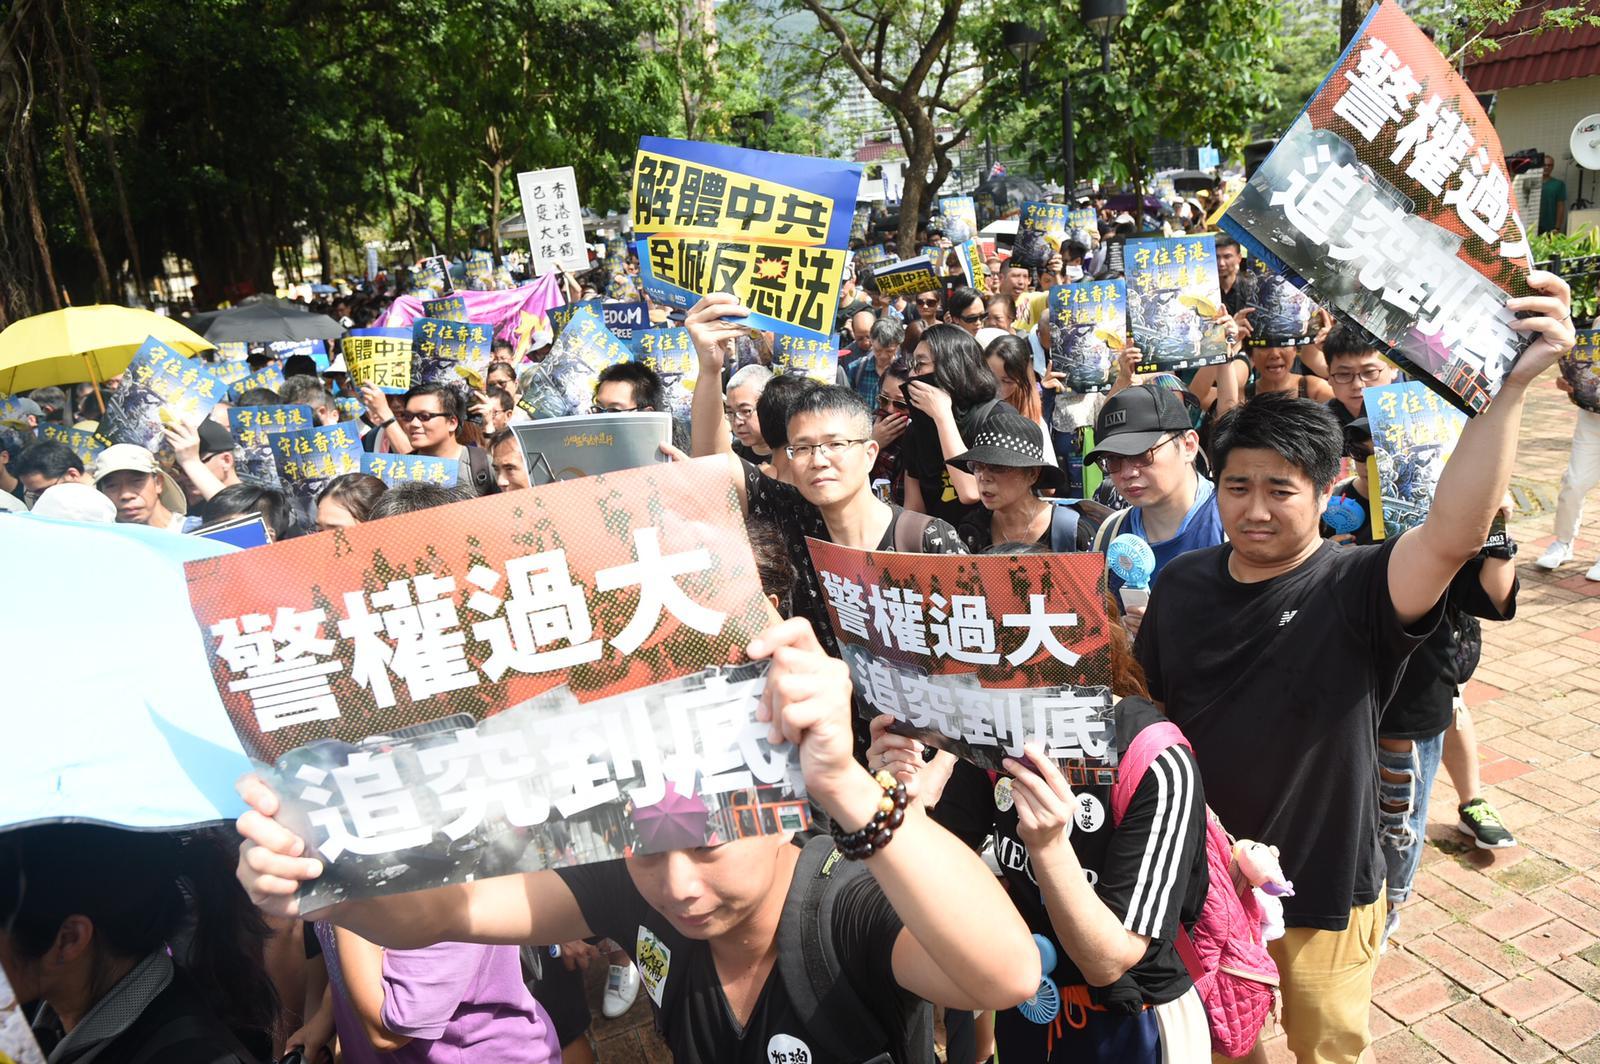 沙田區有反對修訂《逃犯條例》遊行